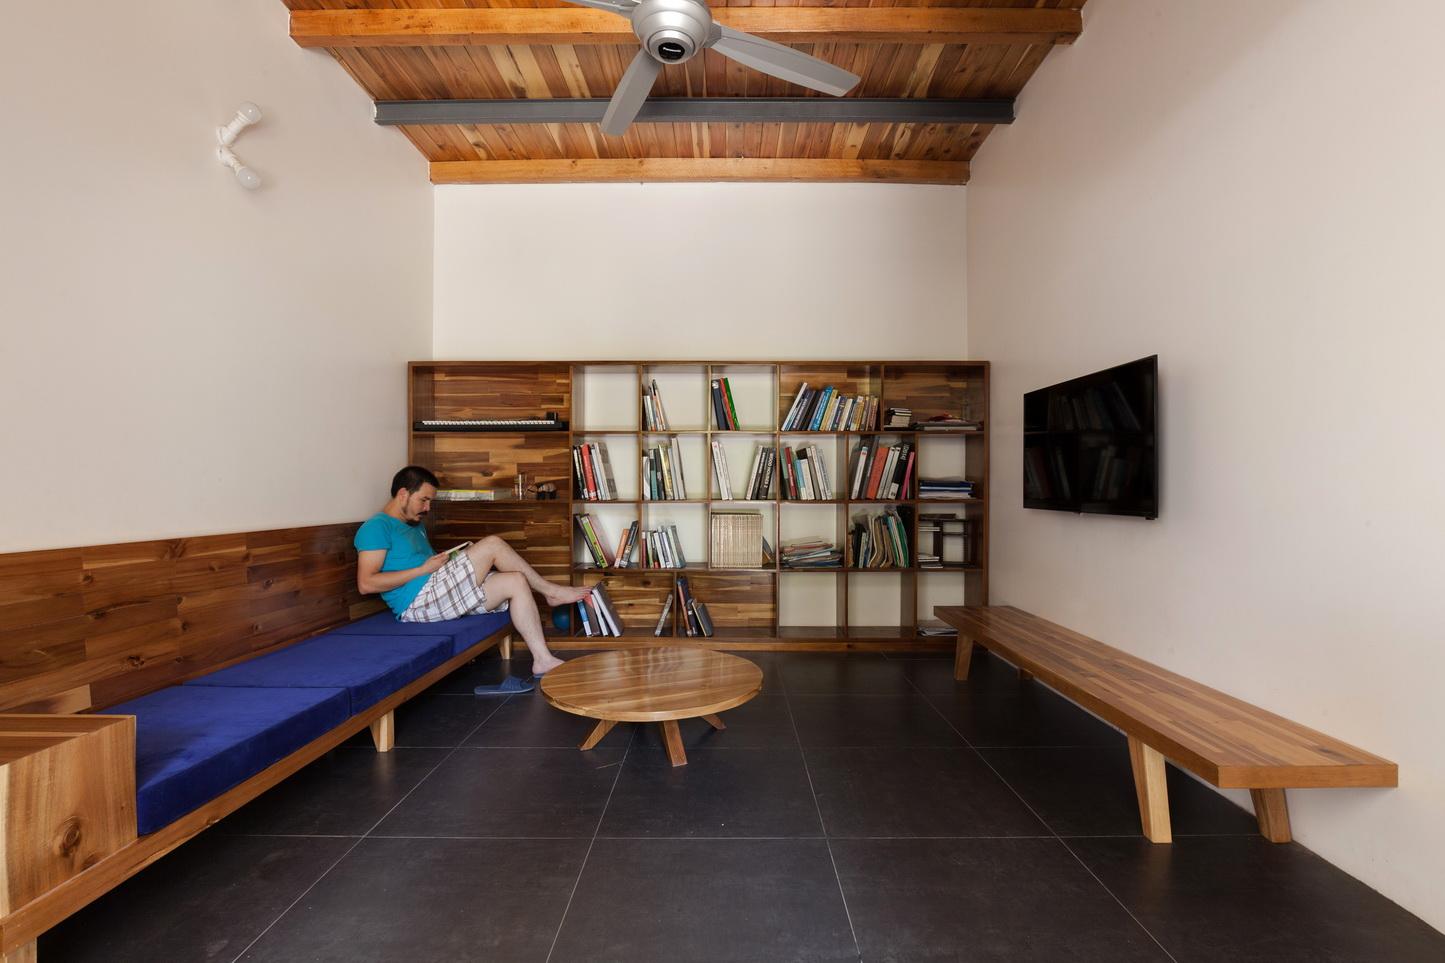 Độc đáo căn nhà cấp 4 mang hơi thở hiện đại trong không gian thôn quê cũ